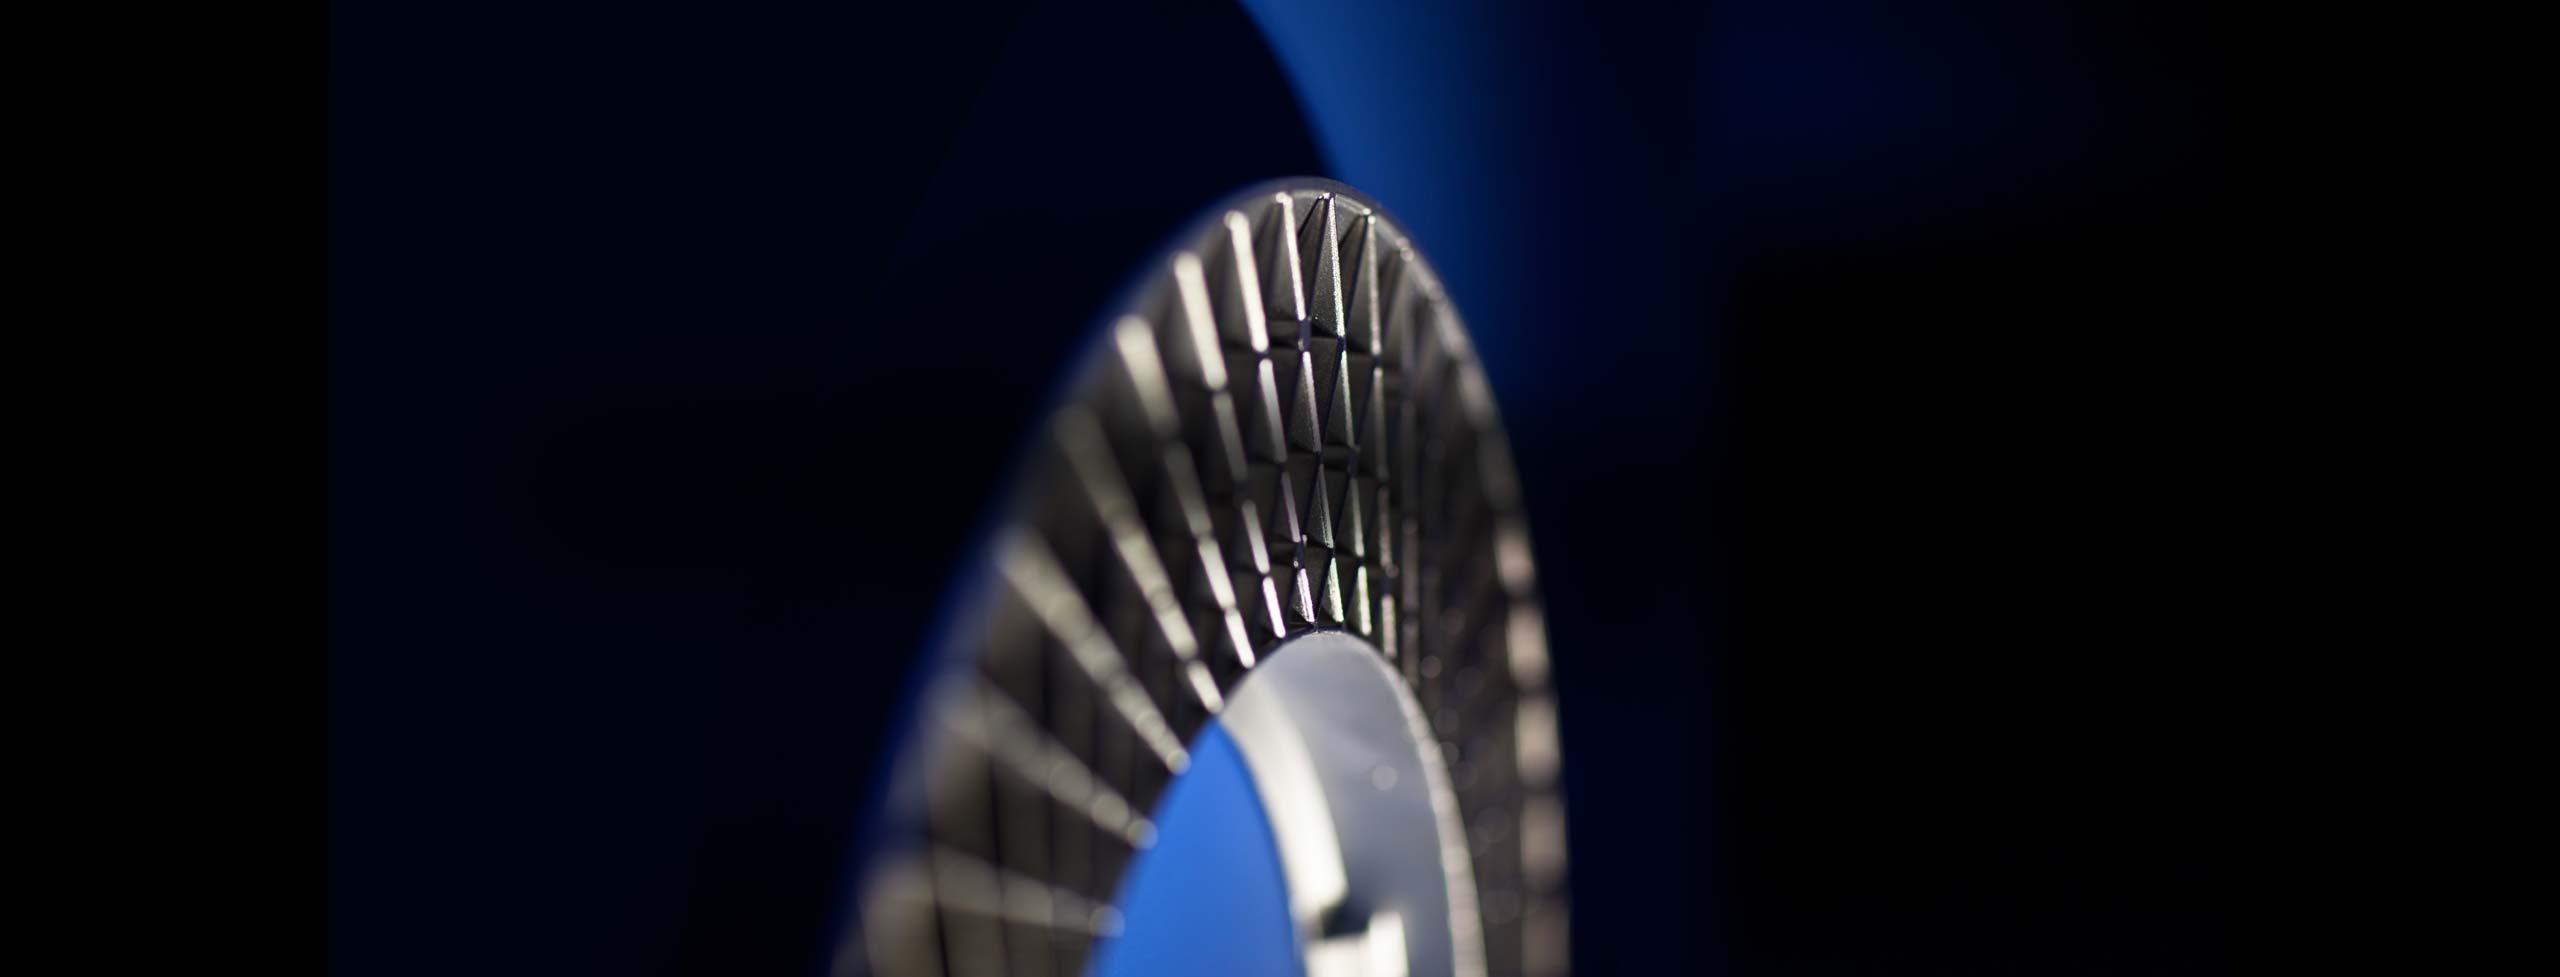 Pressofusione alluminio 100% made in Italy